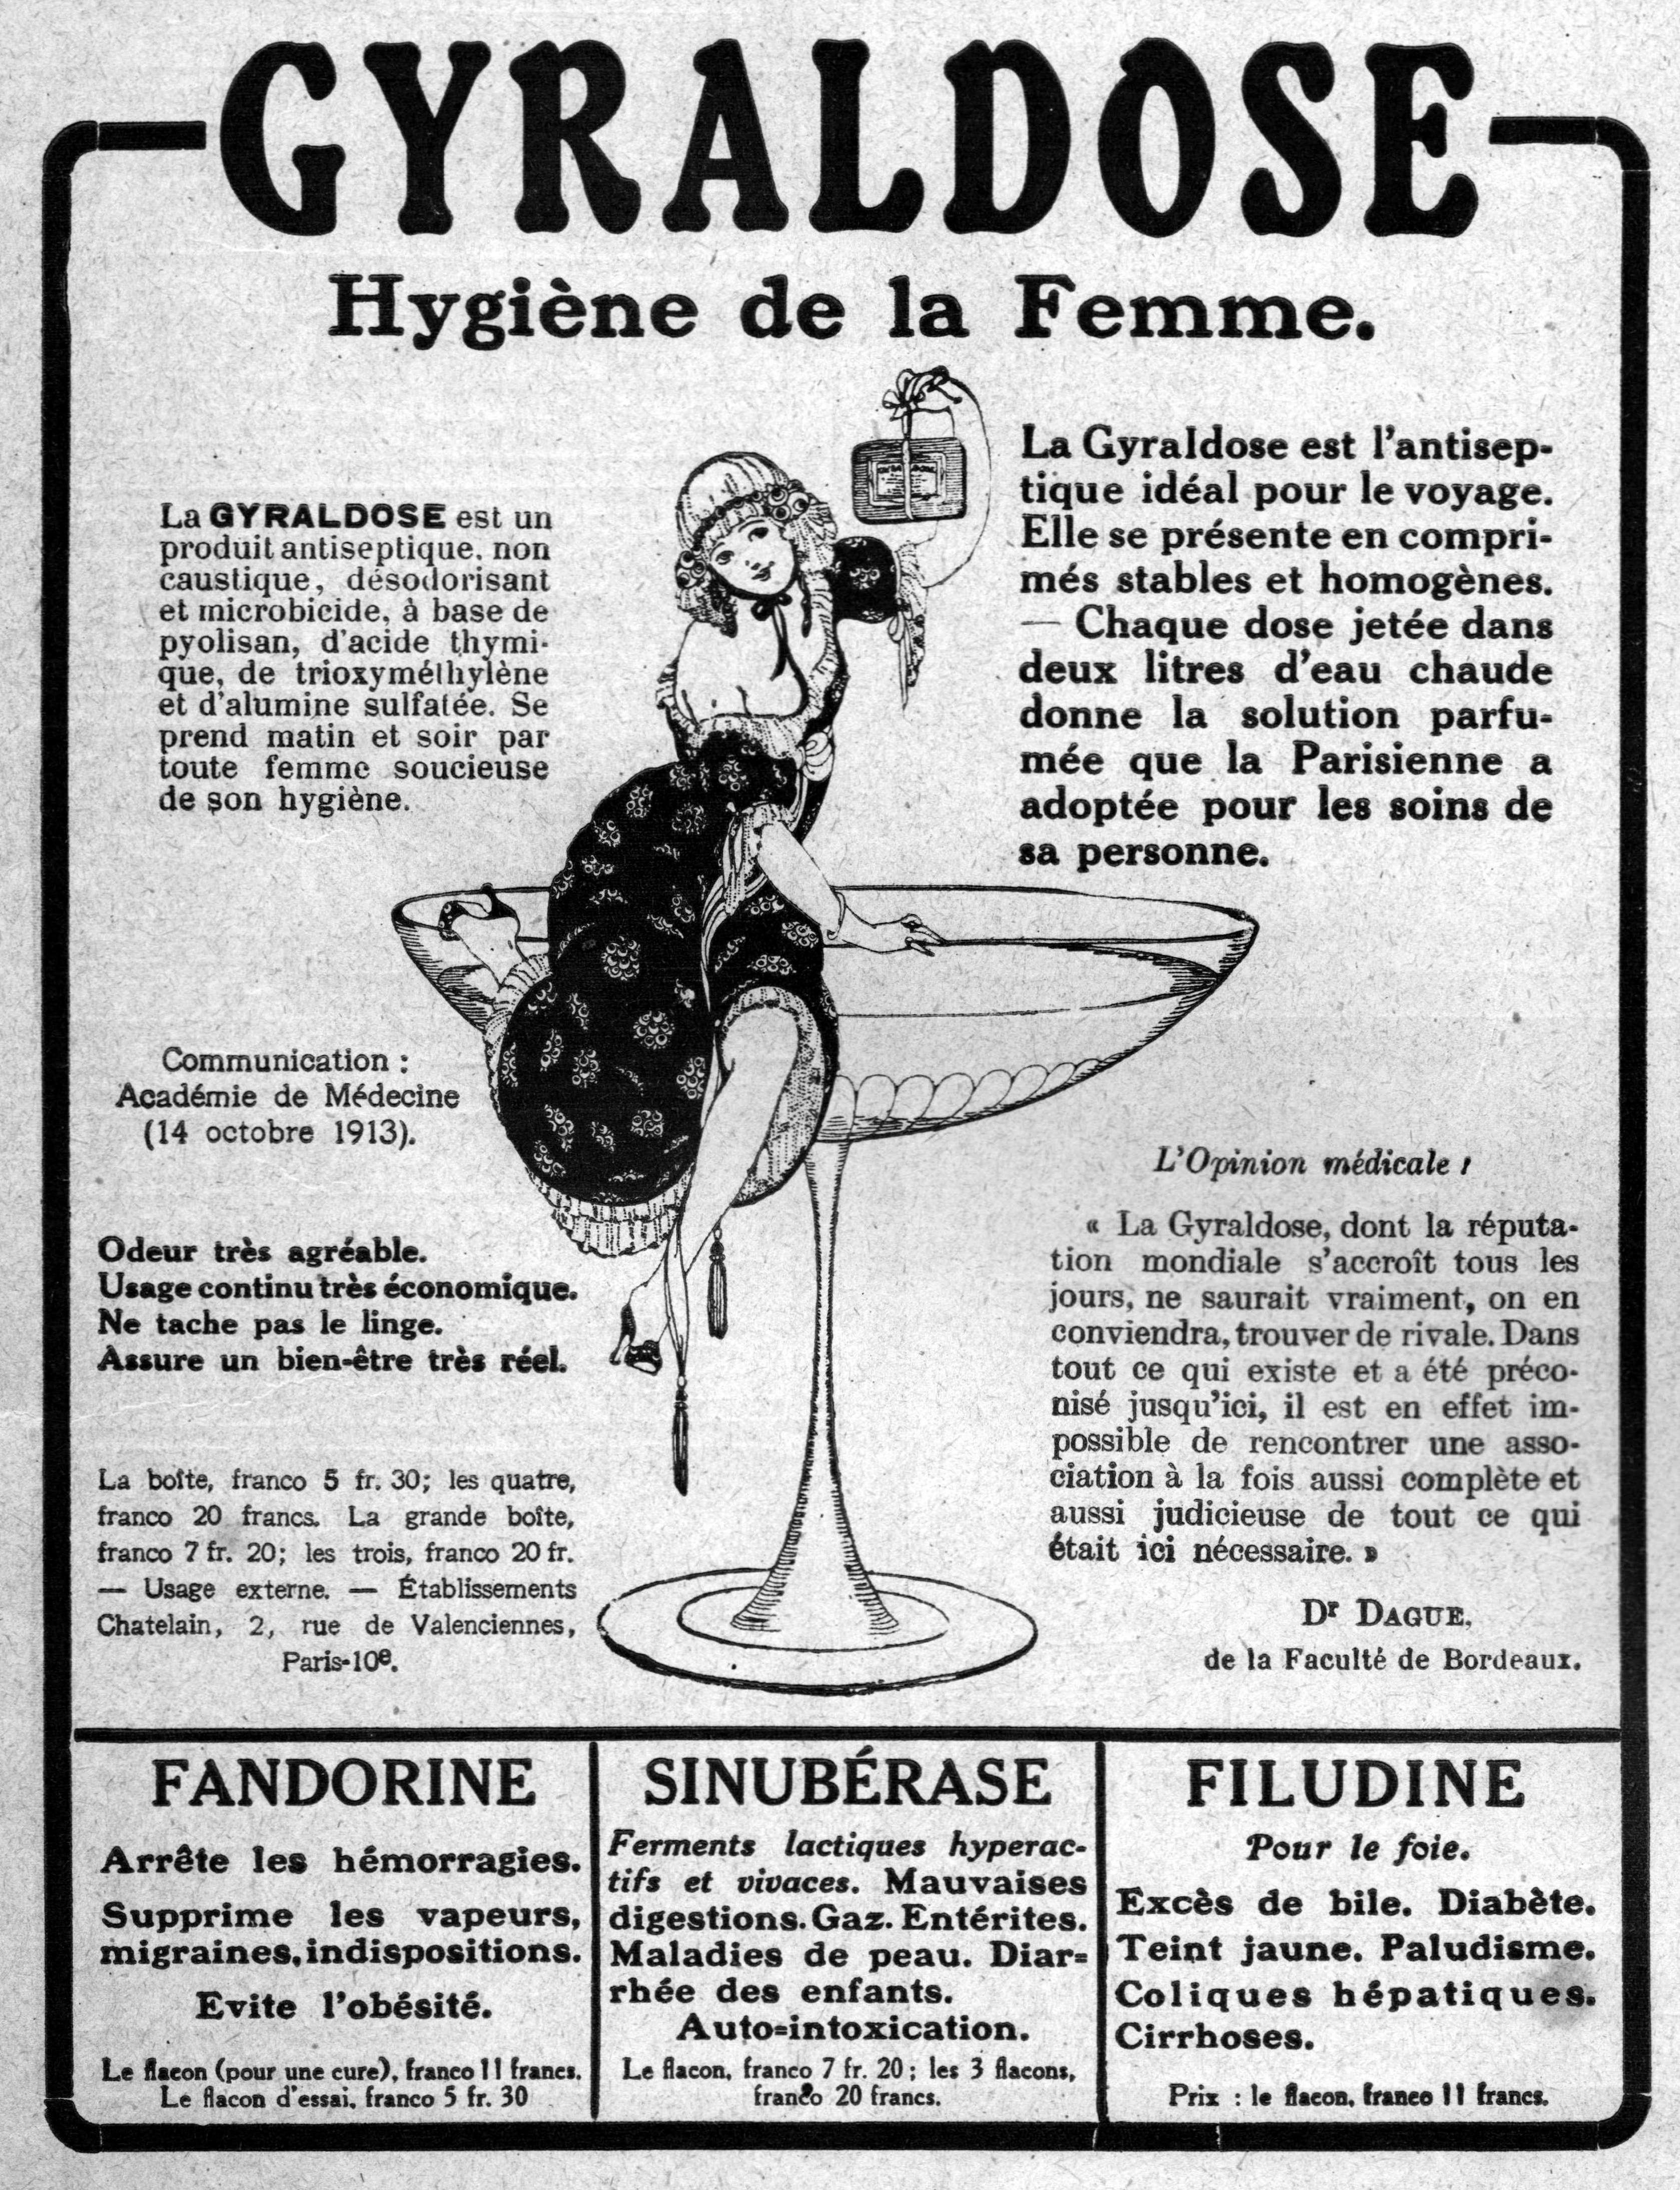 Tube De Culte Shemale Méry Corbon Sexe Fille Hypnotisée Annonce Escorte Limoges Trouver Escort